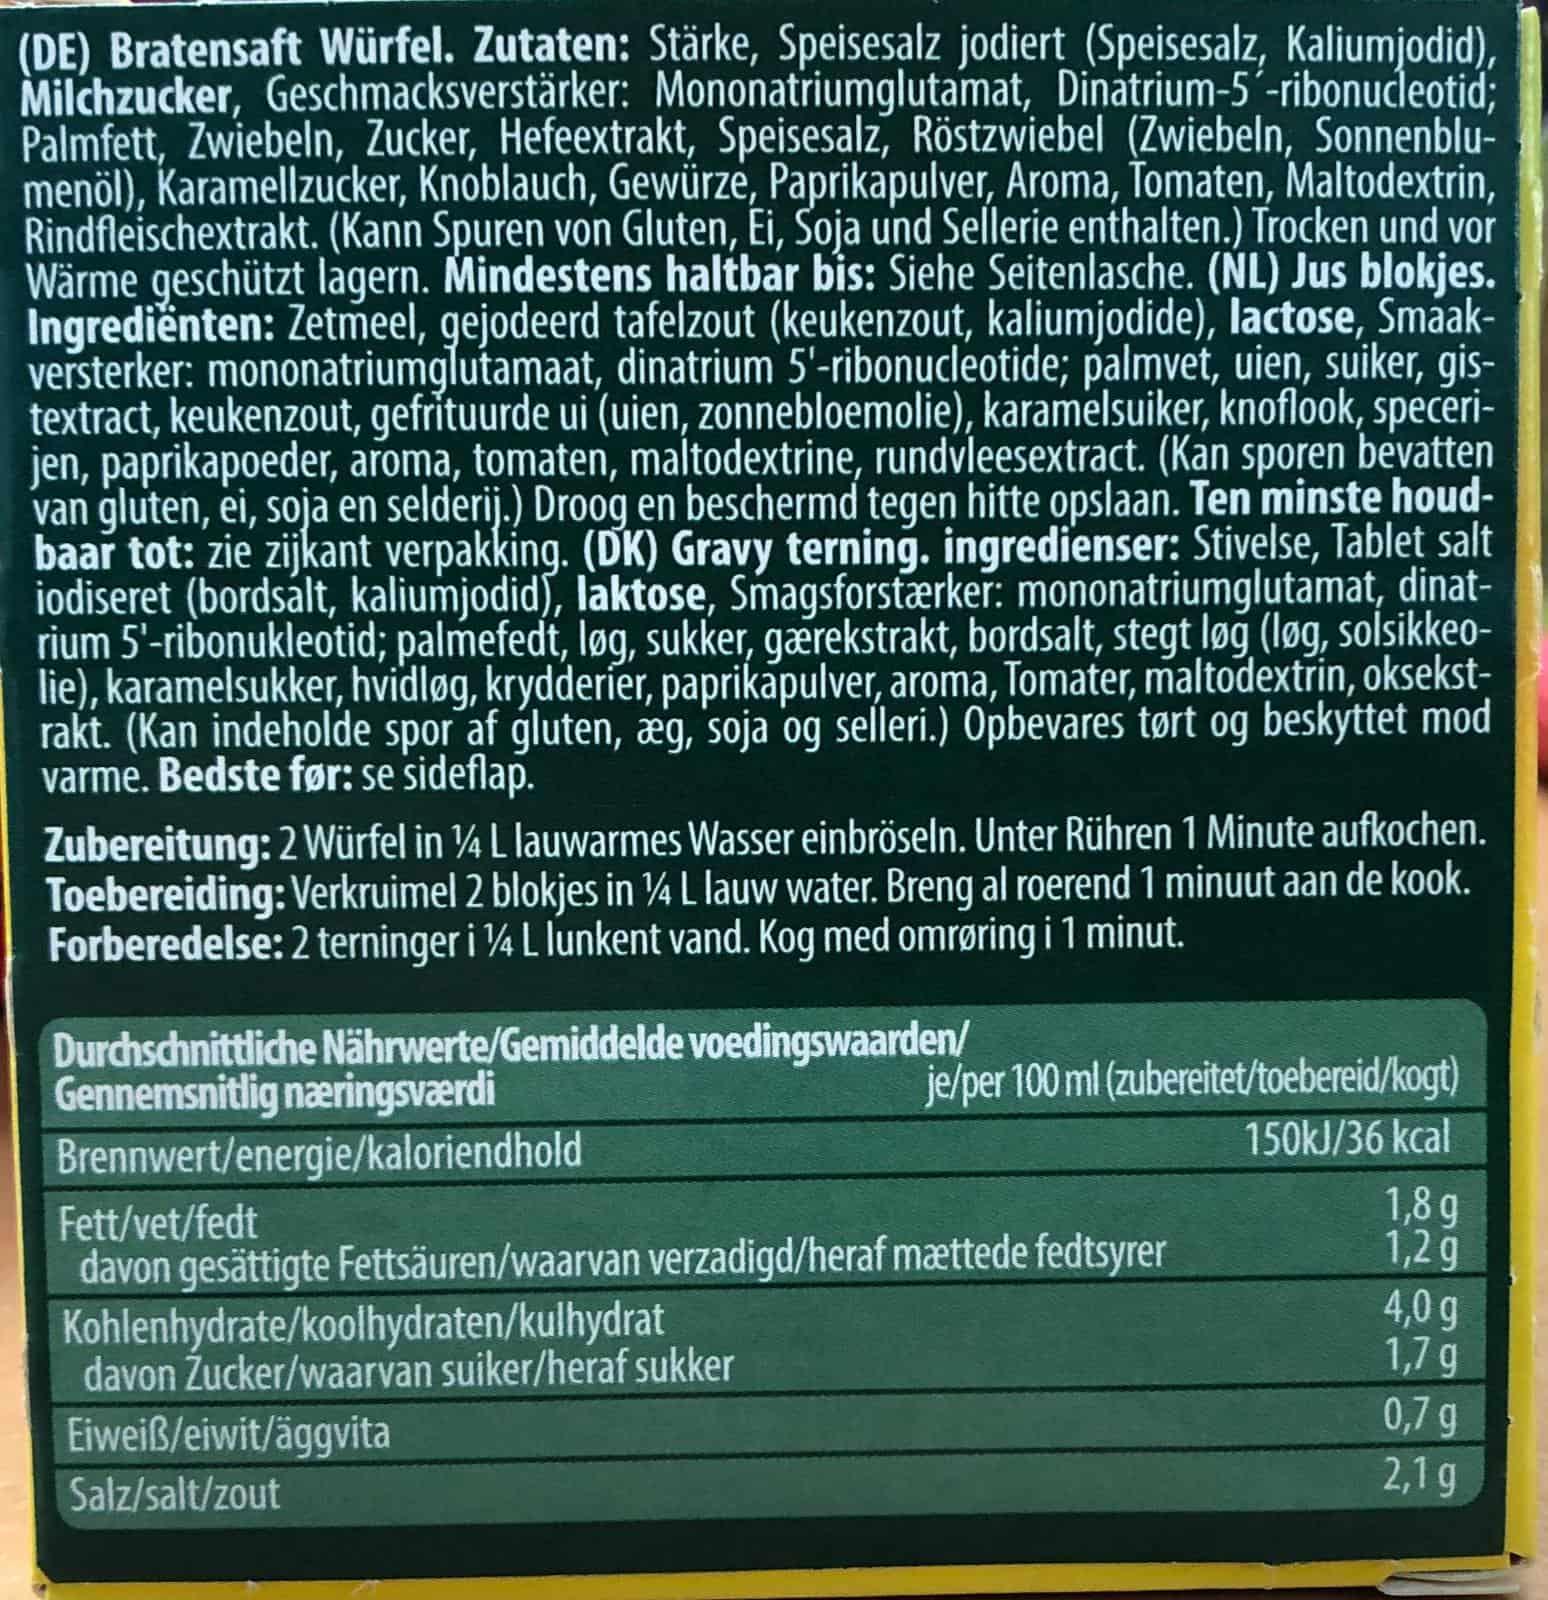 6er Packung Cassian Bratensaft 69g